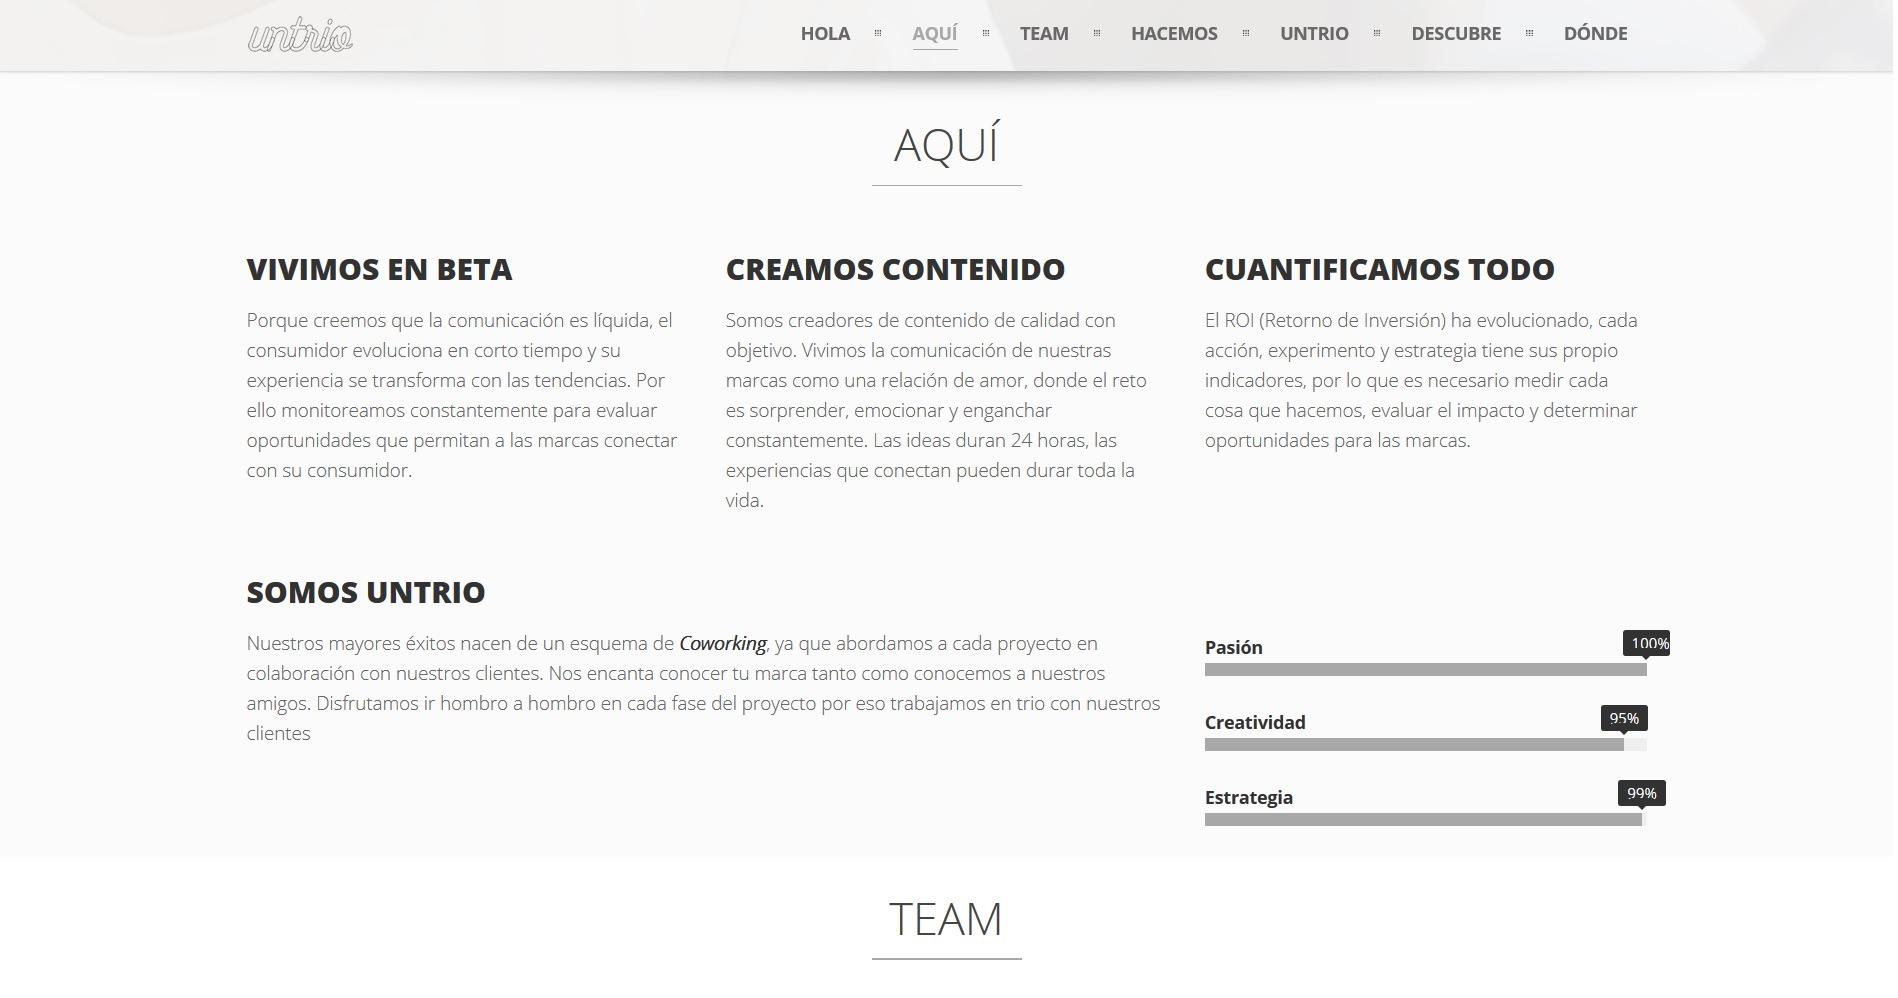 Untrio Agency